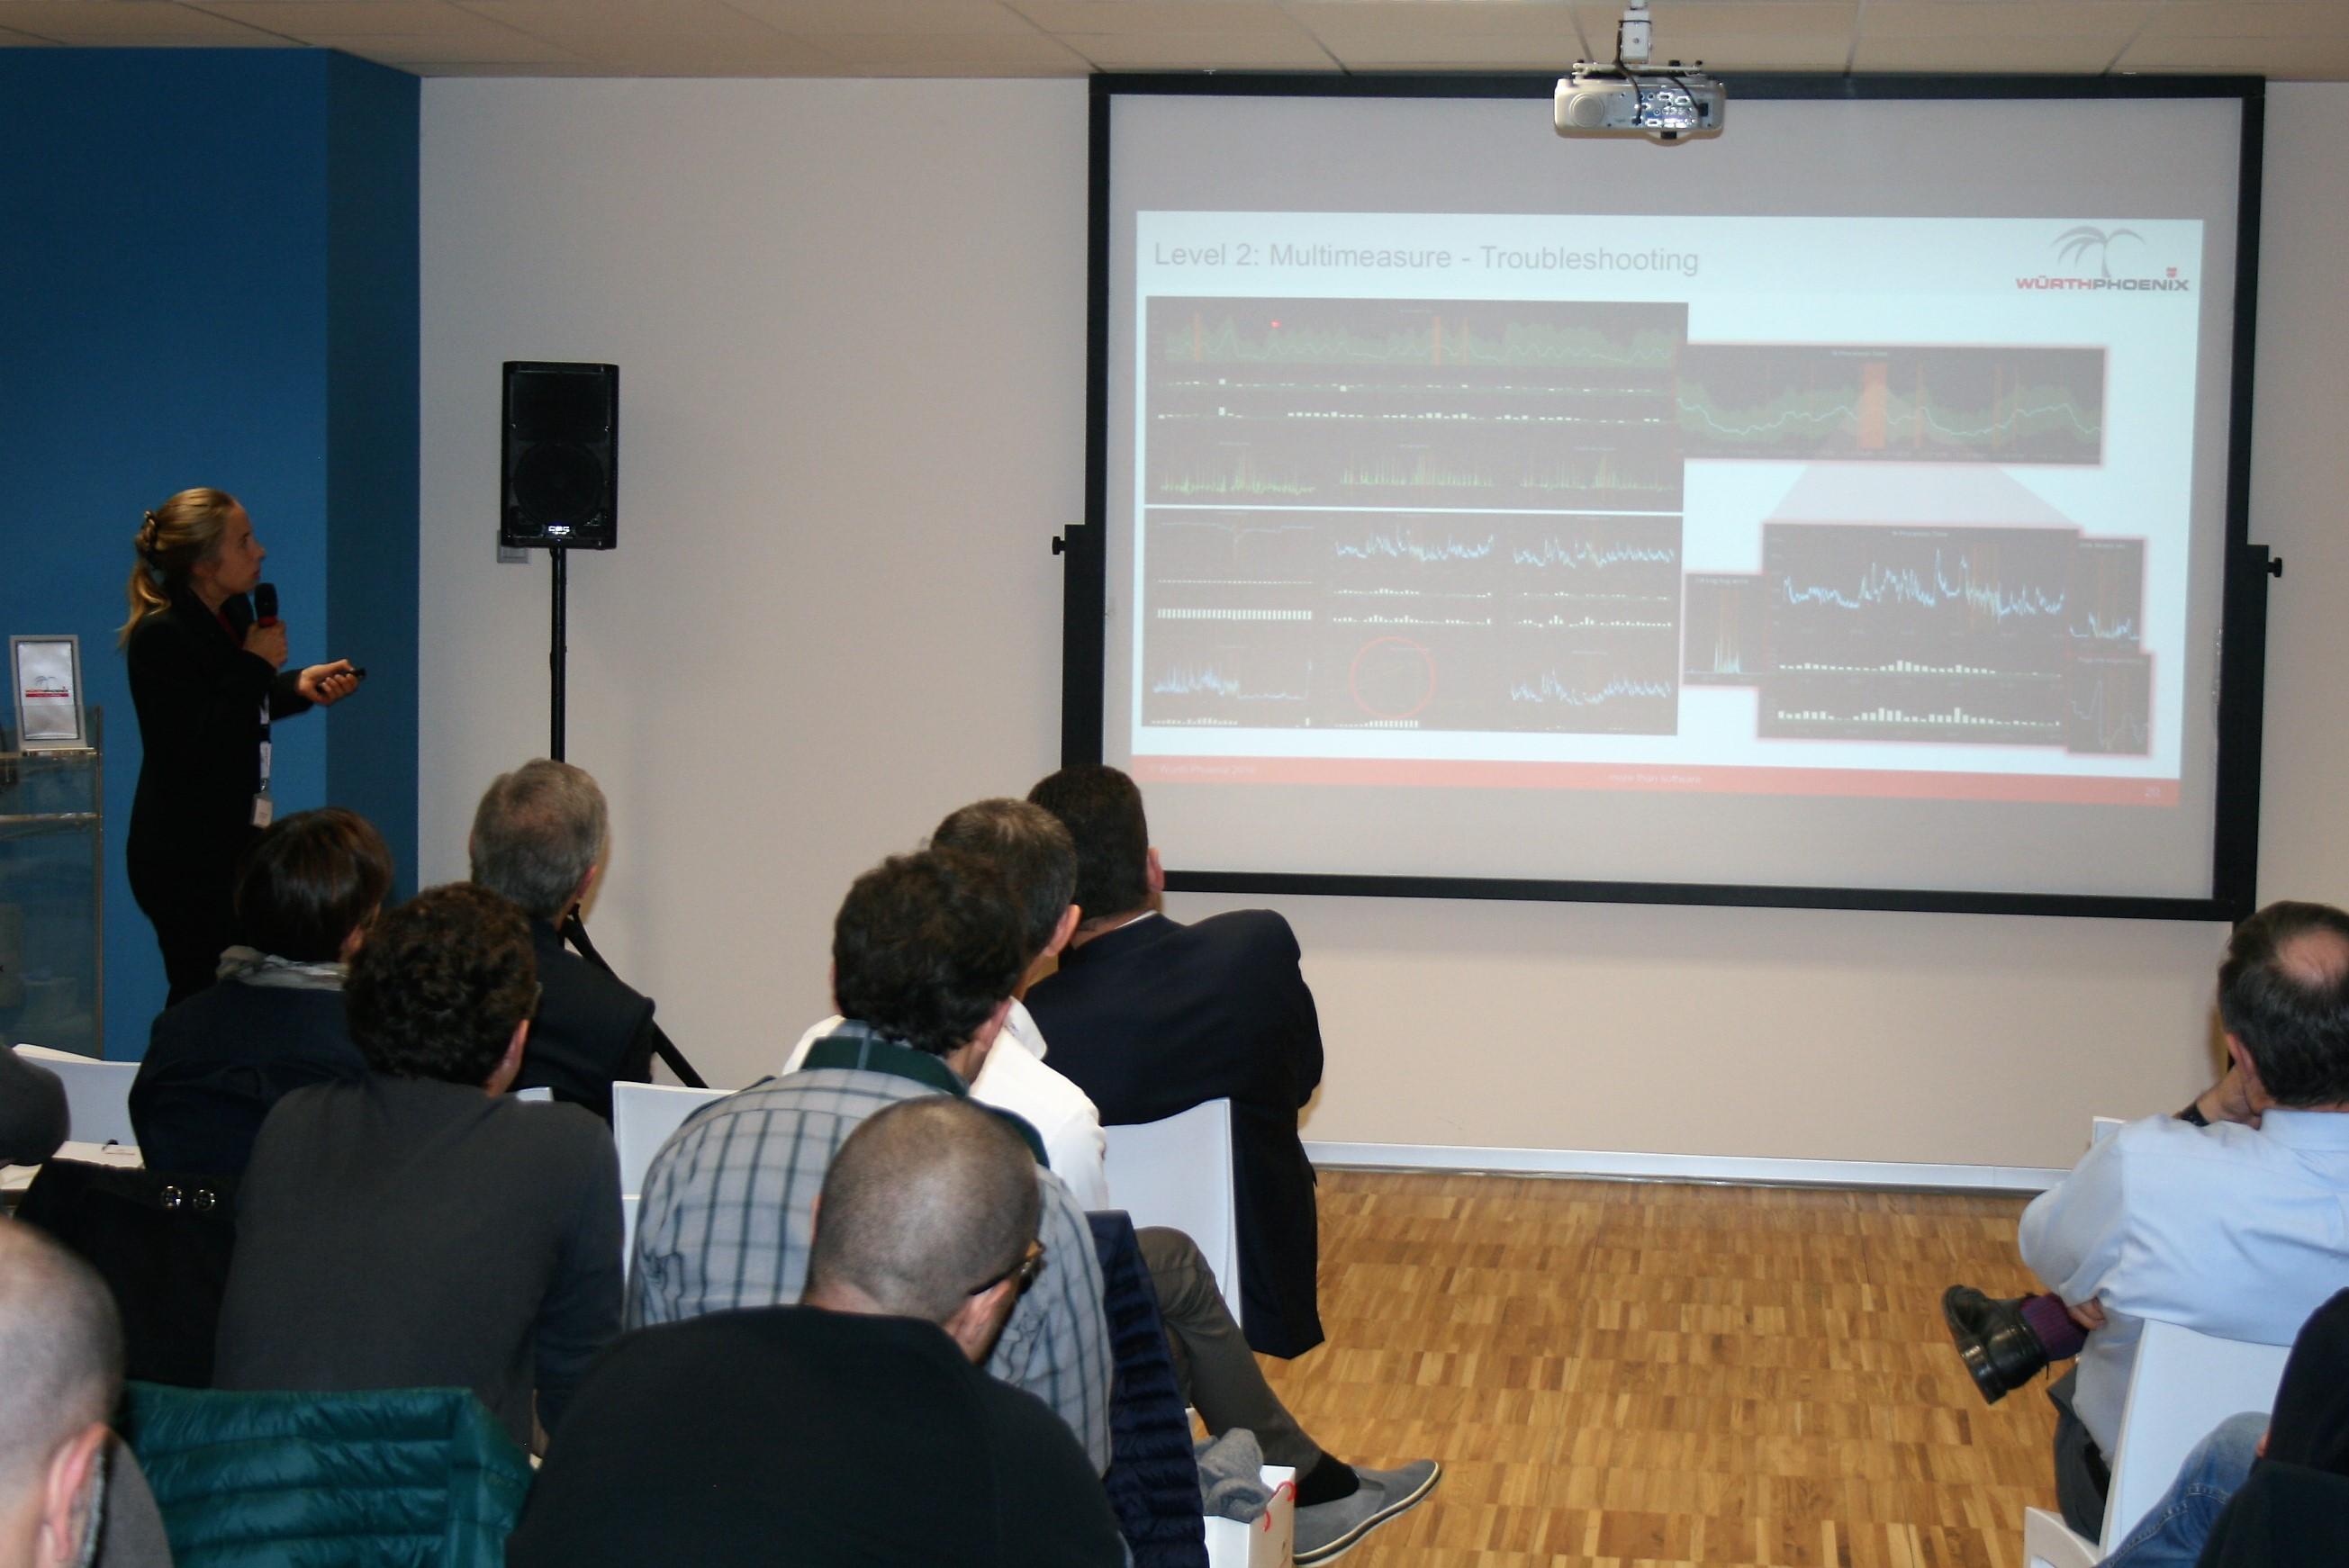 Susanne Greiner e il Performance Monitoring attraverso attività di troubleshooting multimeasure